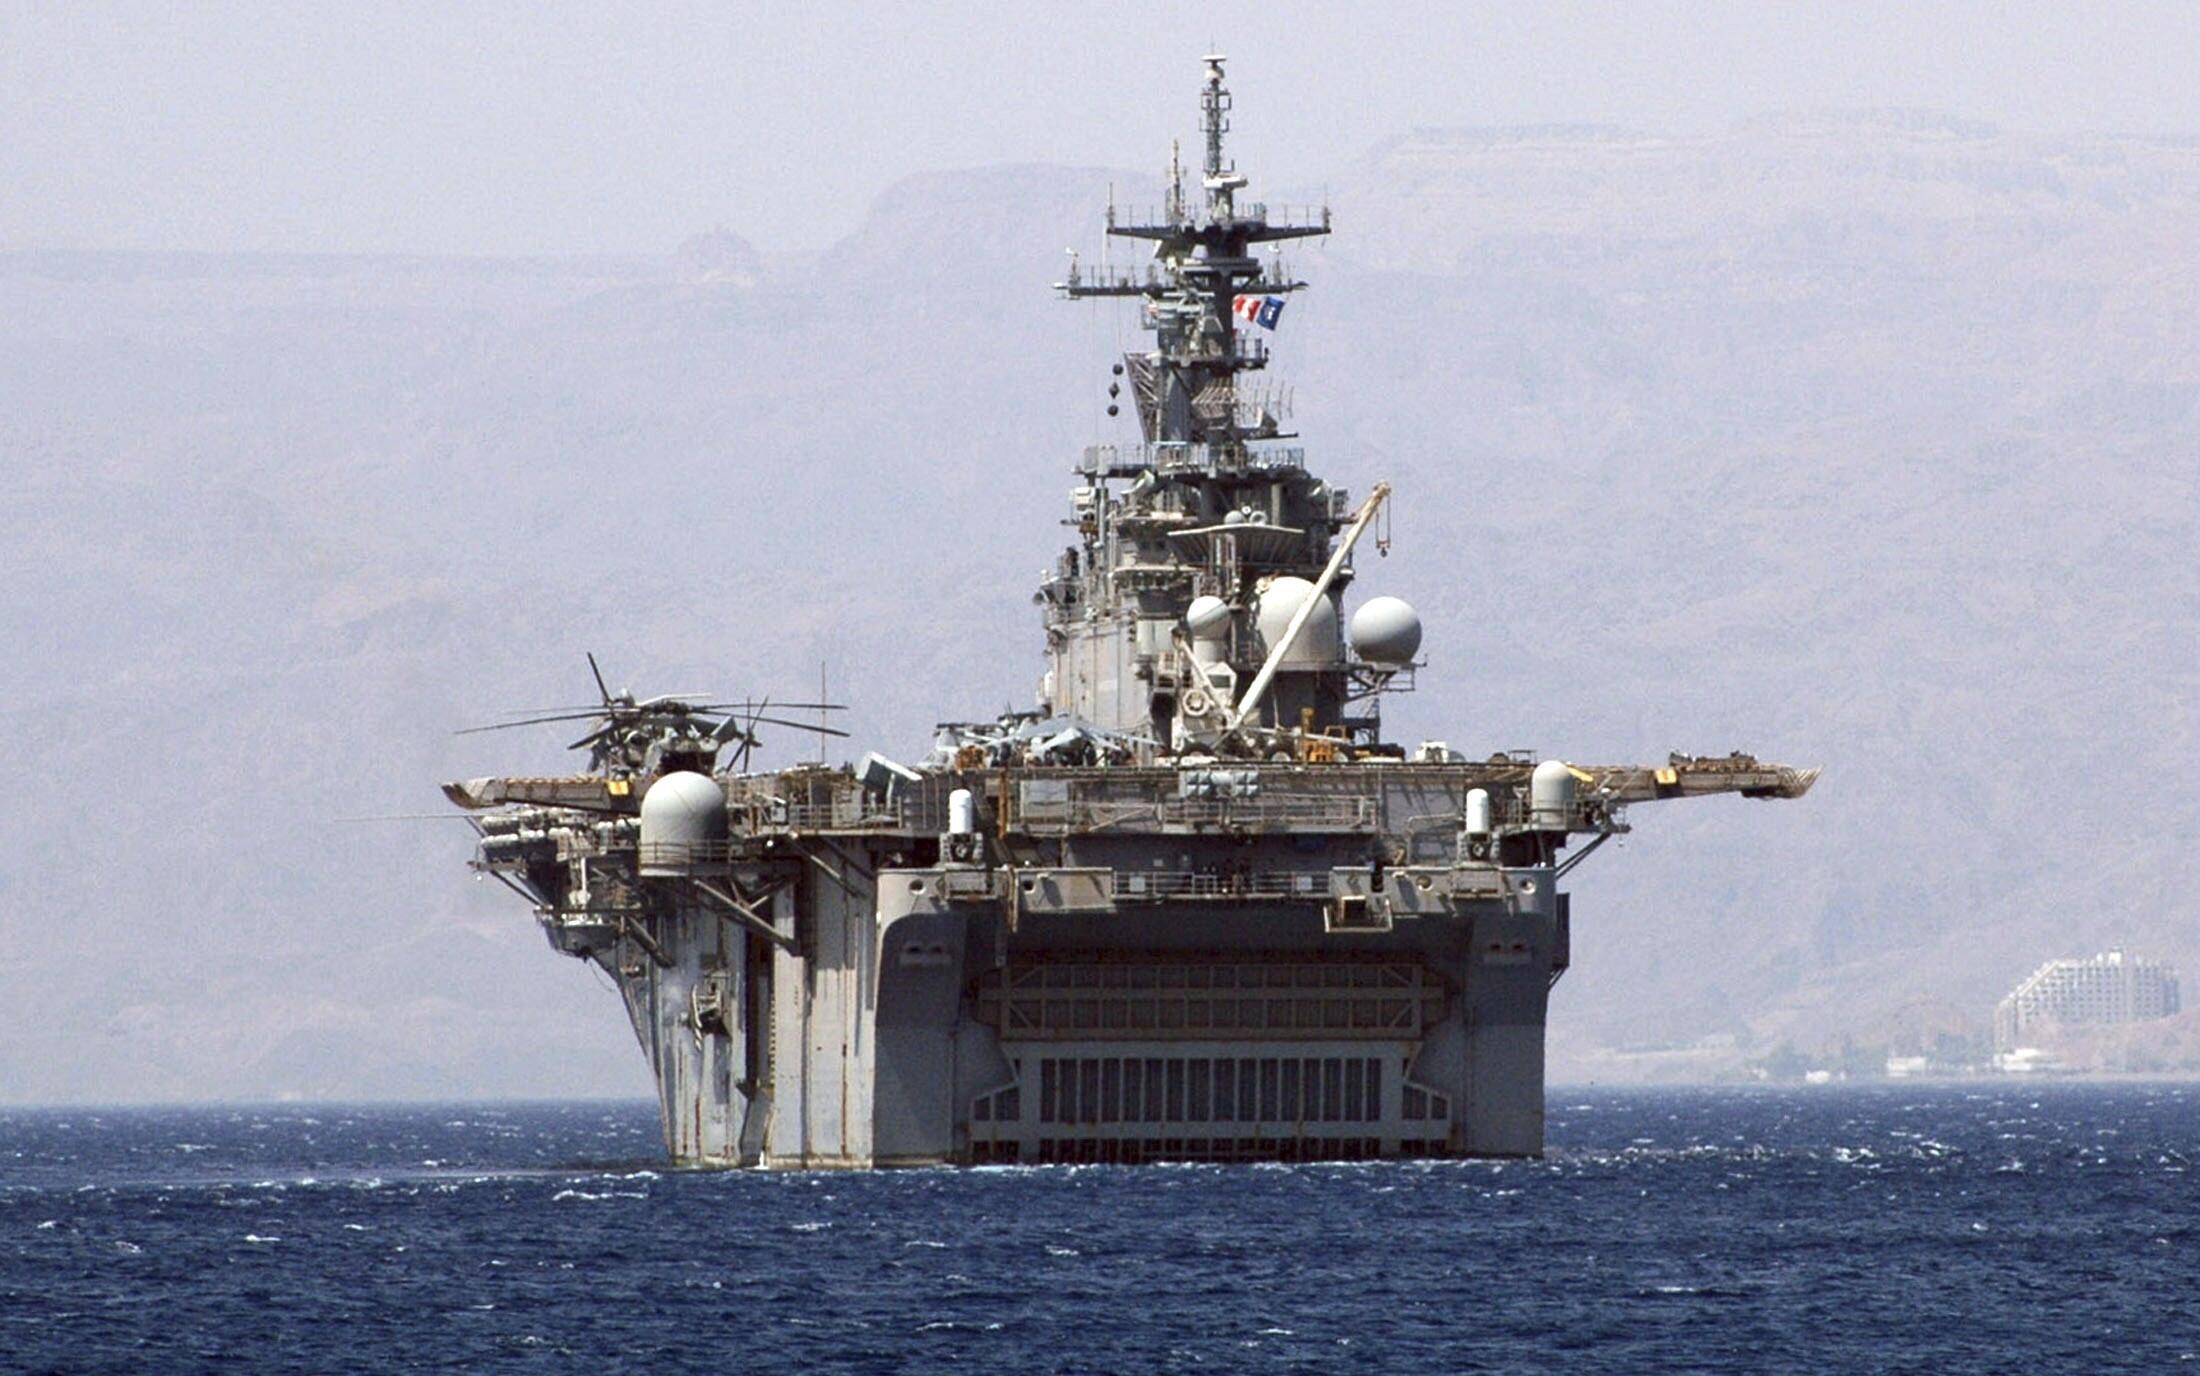 Chiến hạm Kearsarge của Hoa Kỳ, ngày 19/09/2005, tại cảng Aqba (Jordani).